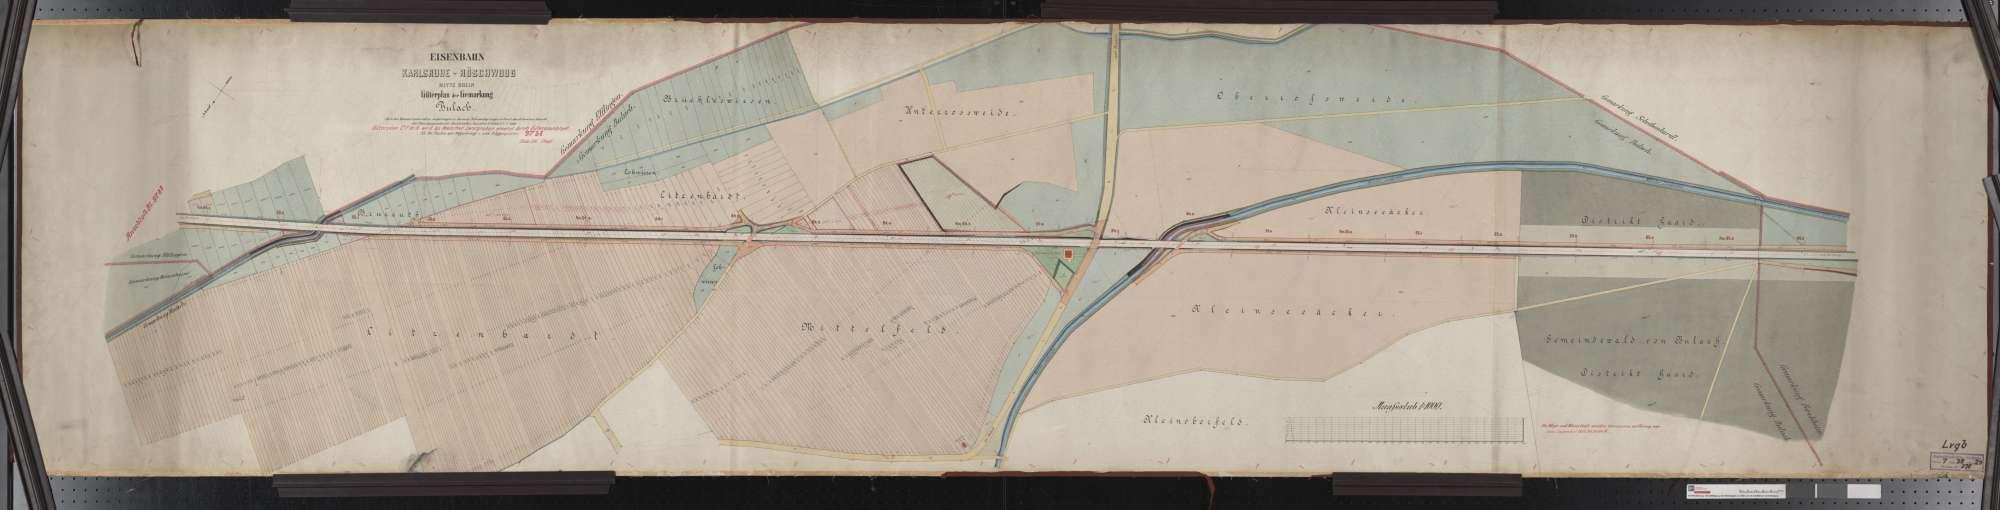 Güterplan der Bahn von Karlsruhe bis Röschwoog (Mitte Rhein): Gemarkung Bulach Streckenausschnitt: 63,5 bis 65,6 km, Bild 1